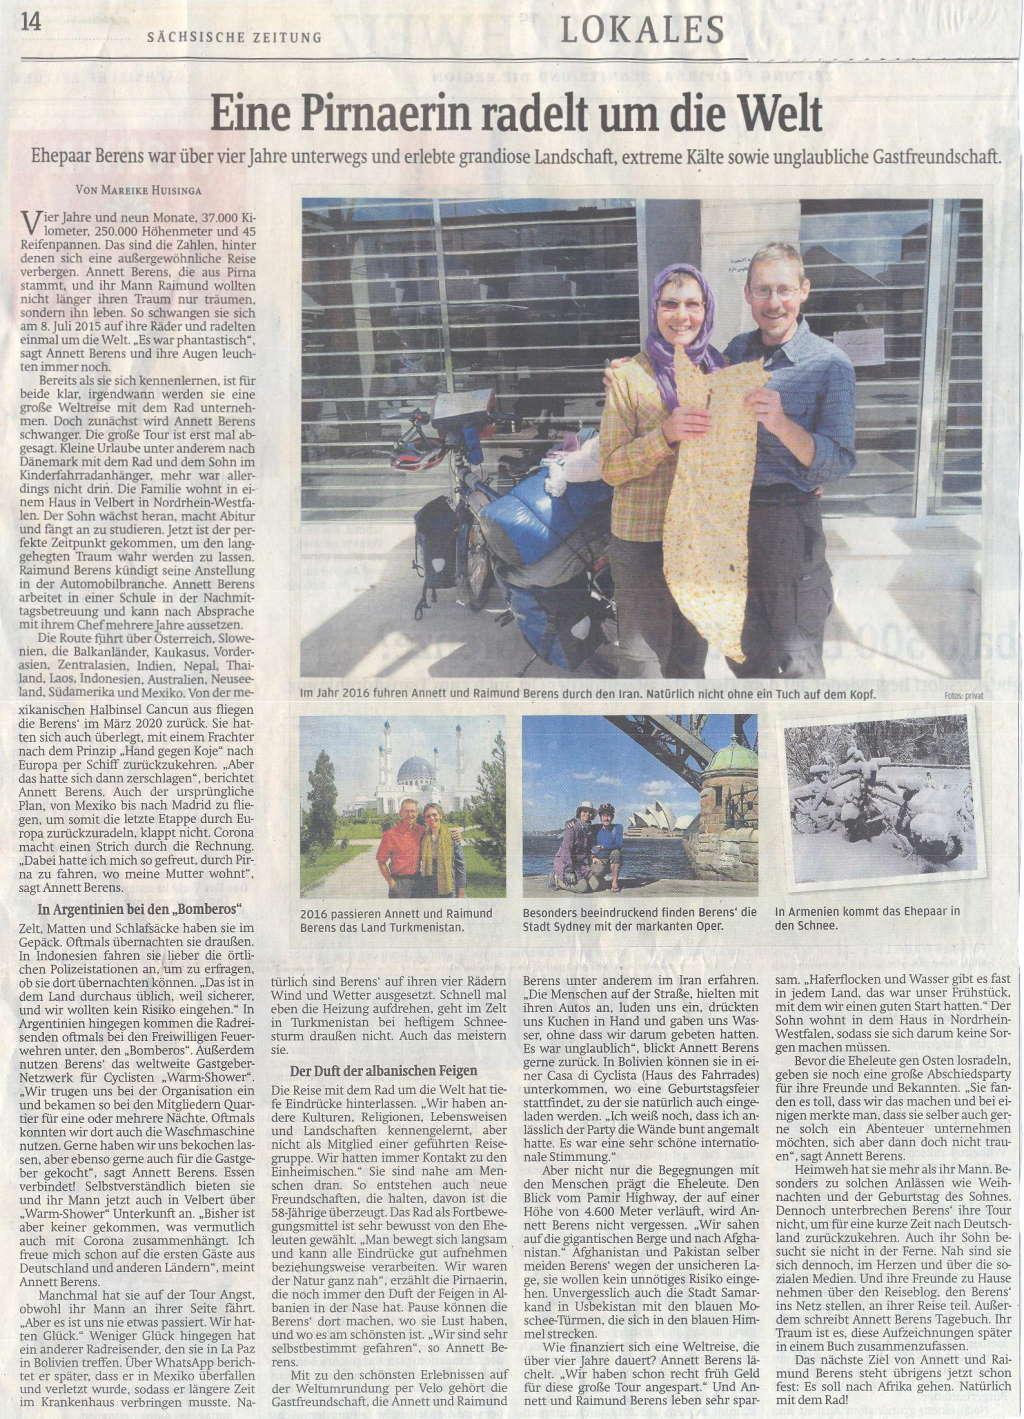 Reportage in der Sächsischen Zeitung 2020